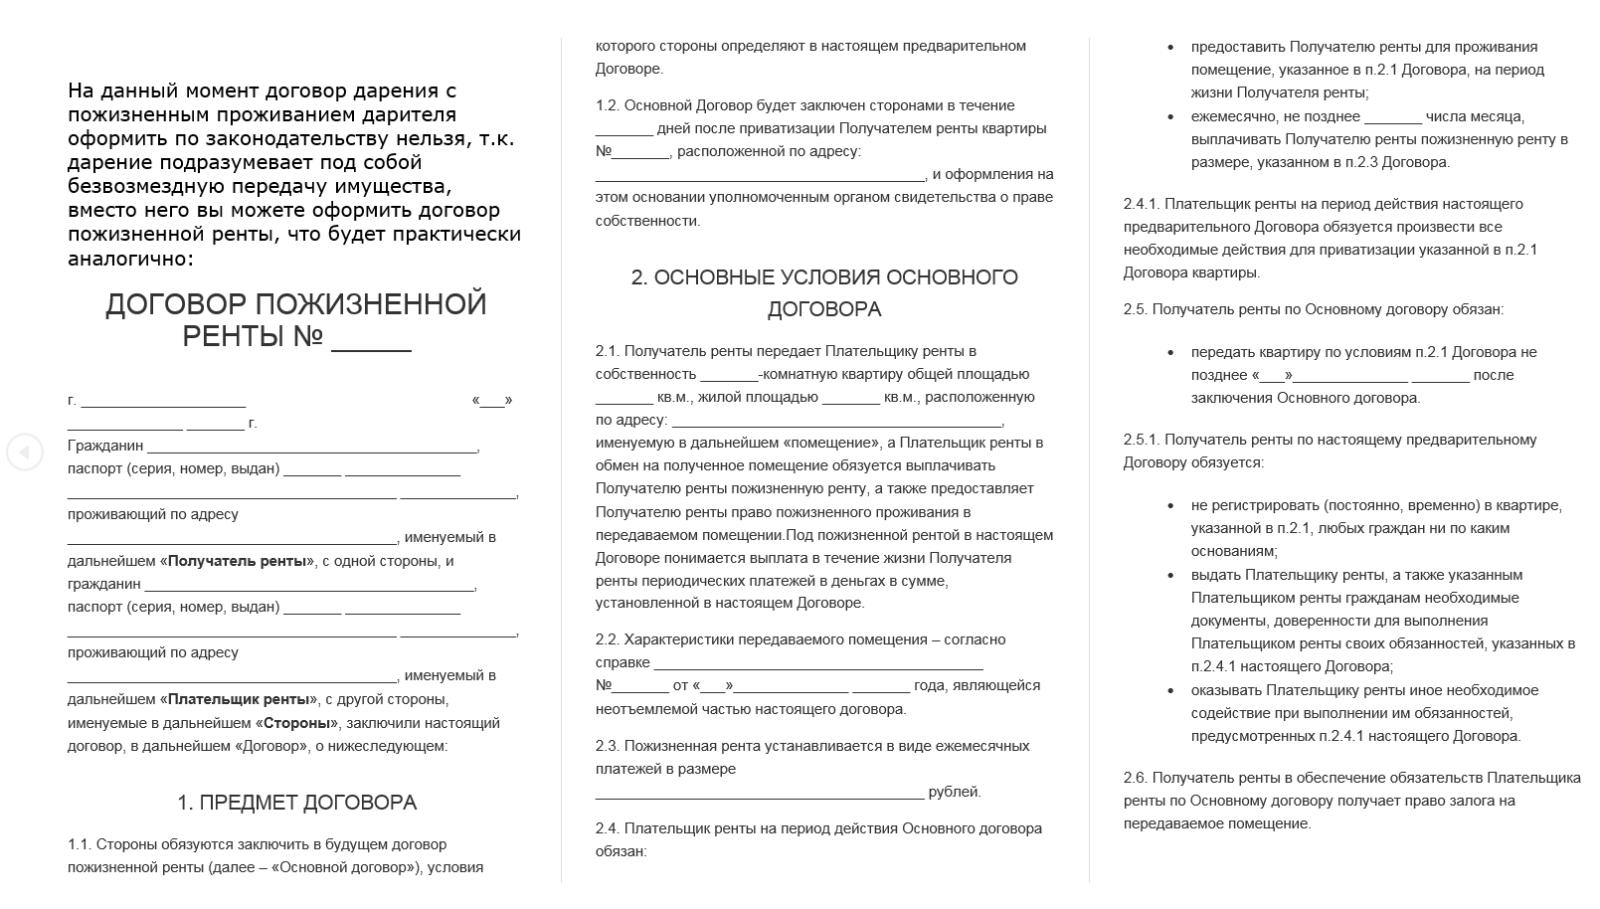 Образец договора дарения квартиры с правом пожизненного проживания дарителя стр.1